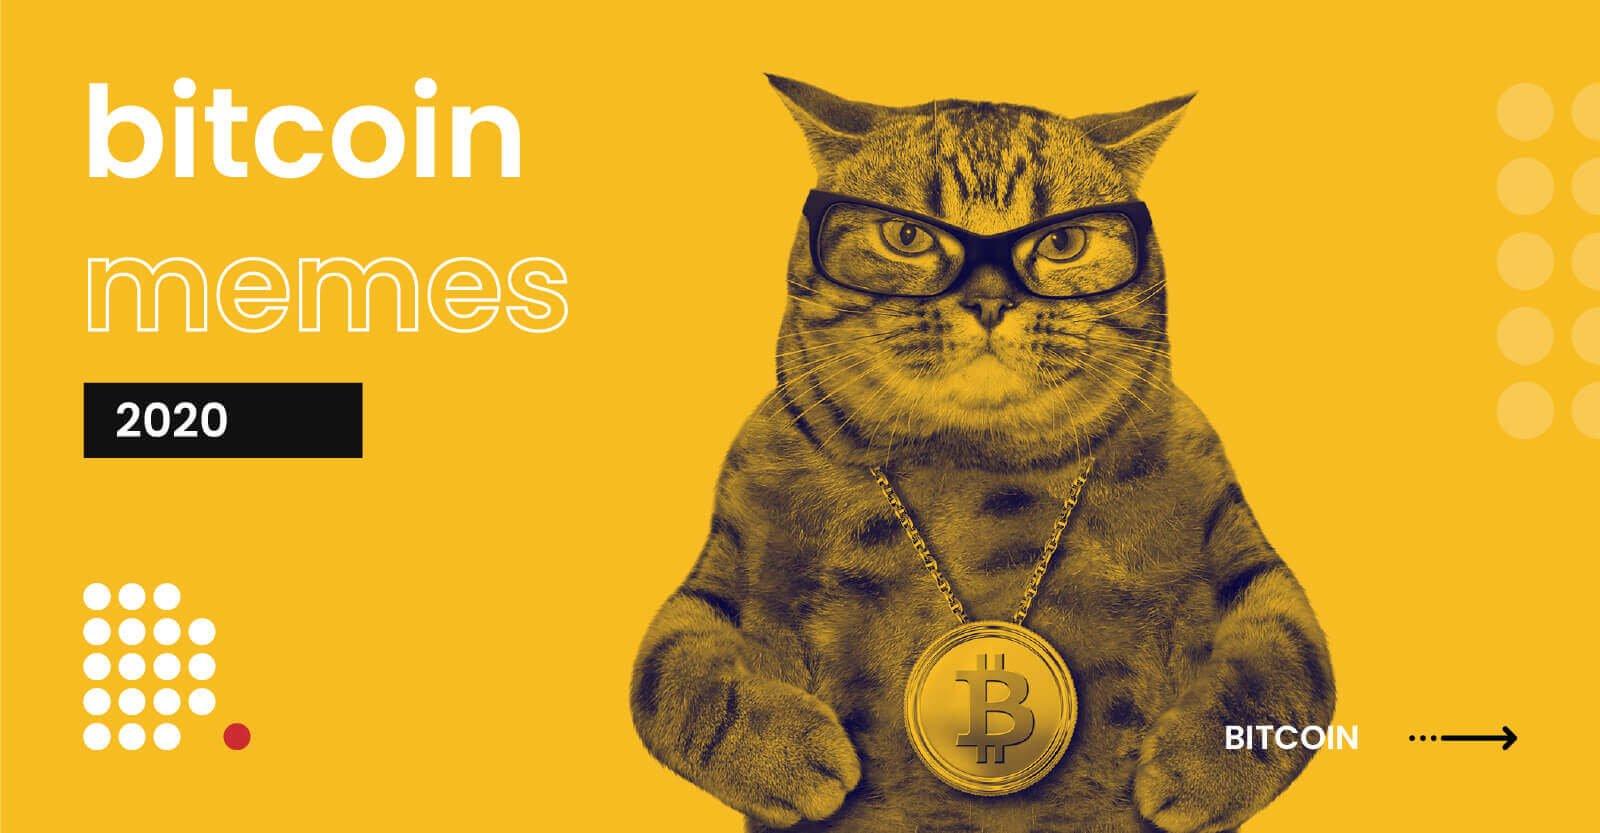 bitcoin marketcap